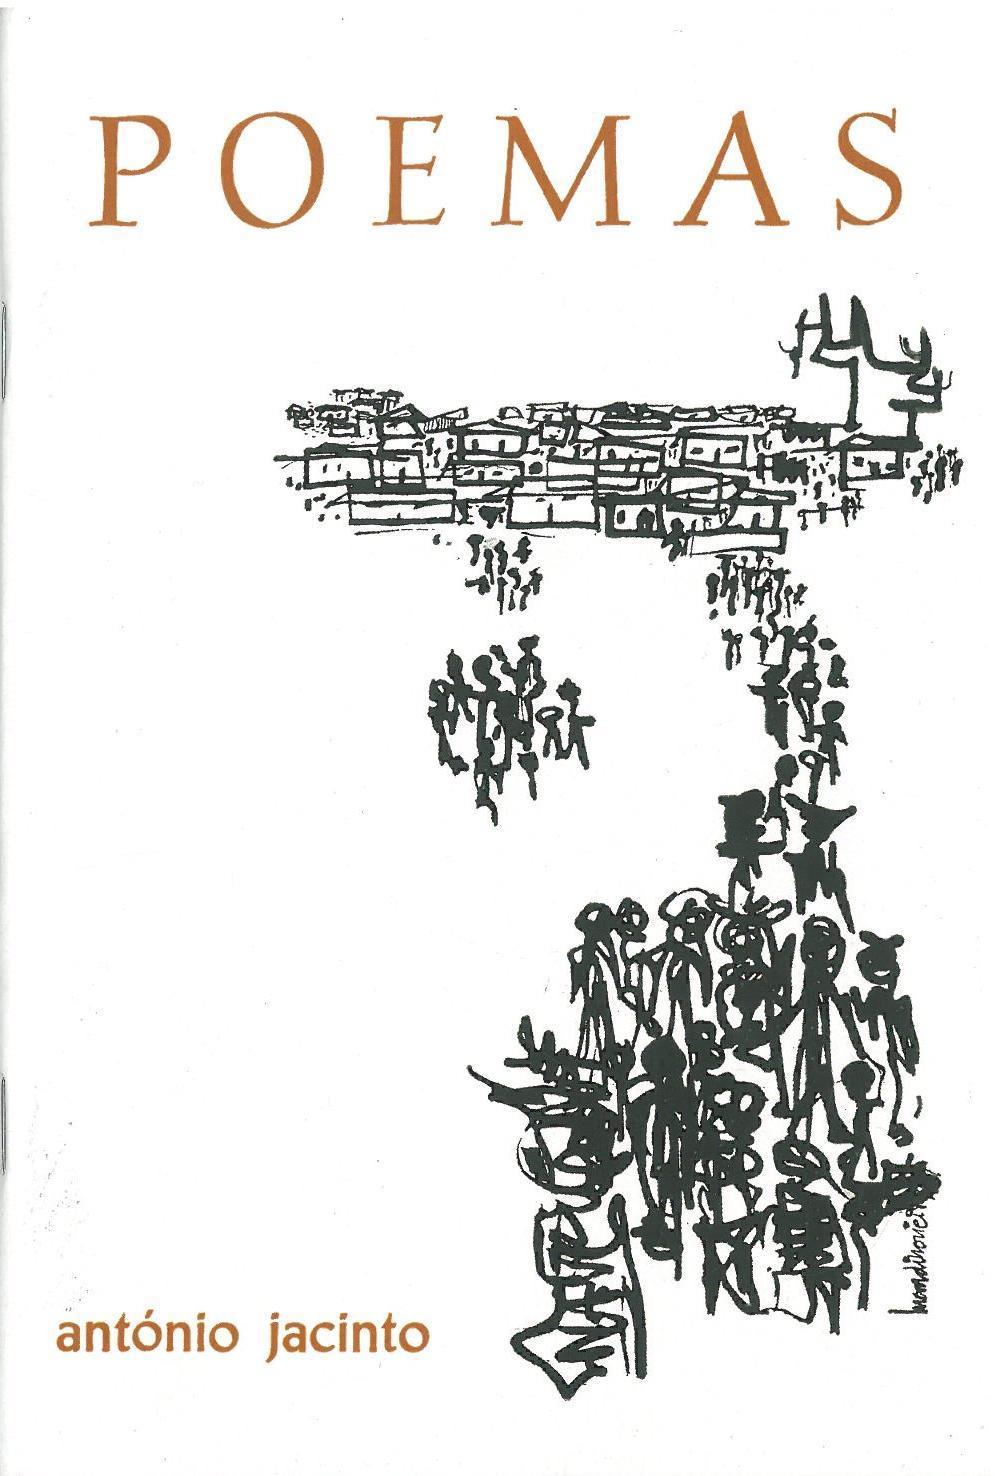 Poemas_António Jacinto.jpg